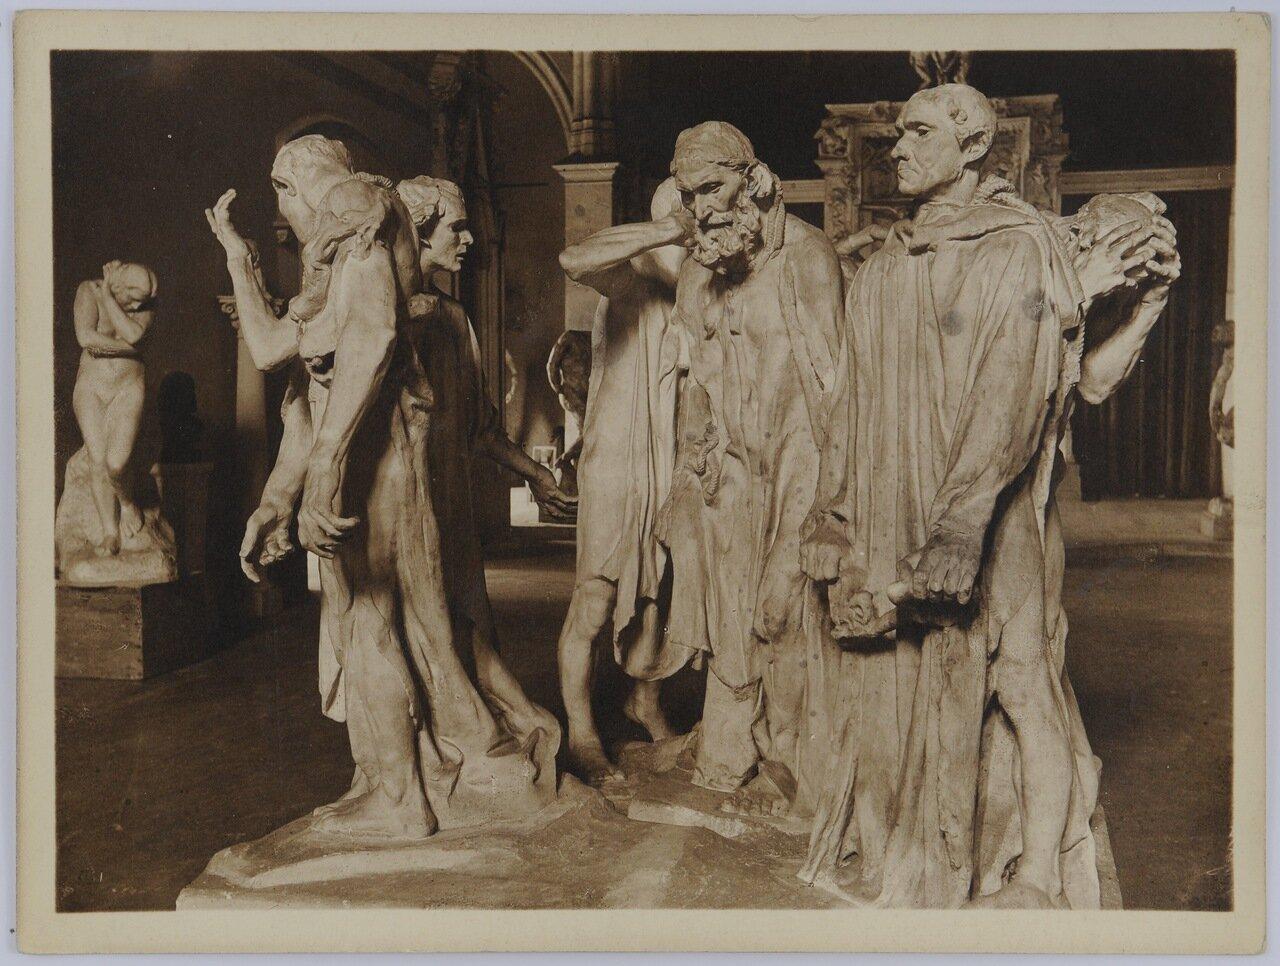 Скульптура «Граждане Кале» Огюста Родена